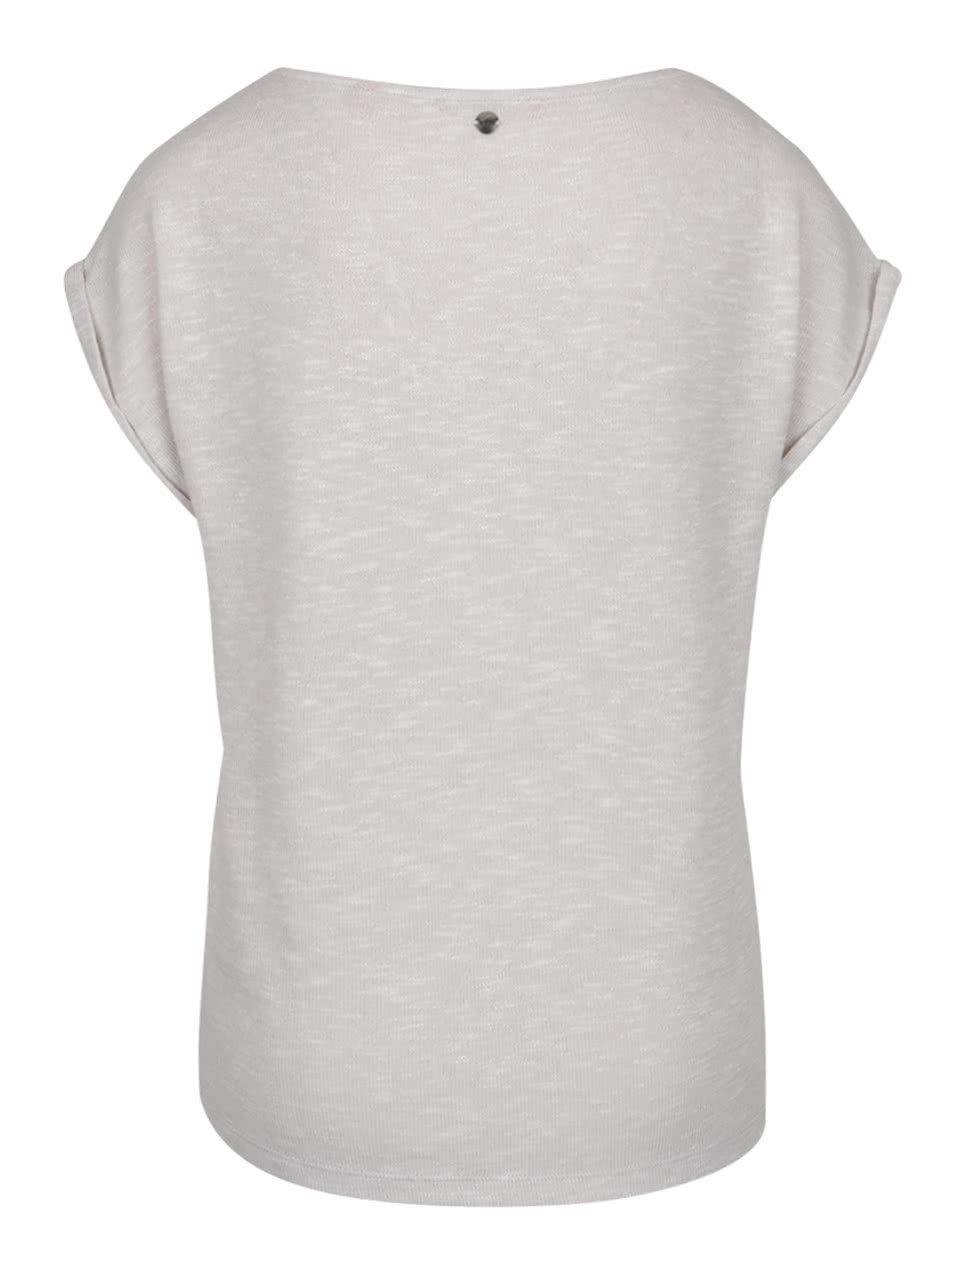 779f96851326 Fialovo-krémové dámské volnější tričko s potiskem s.Oliver ...